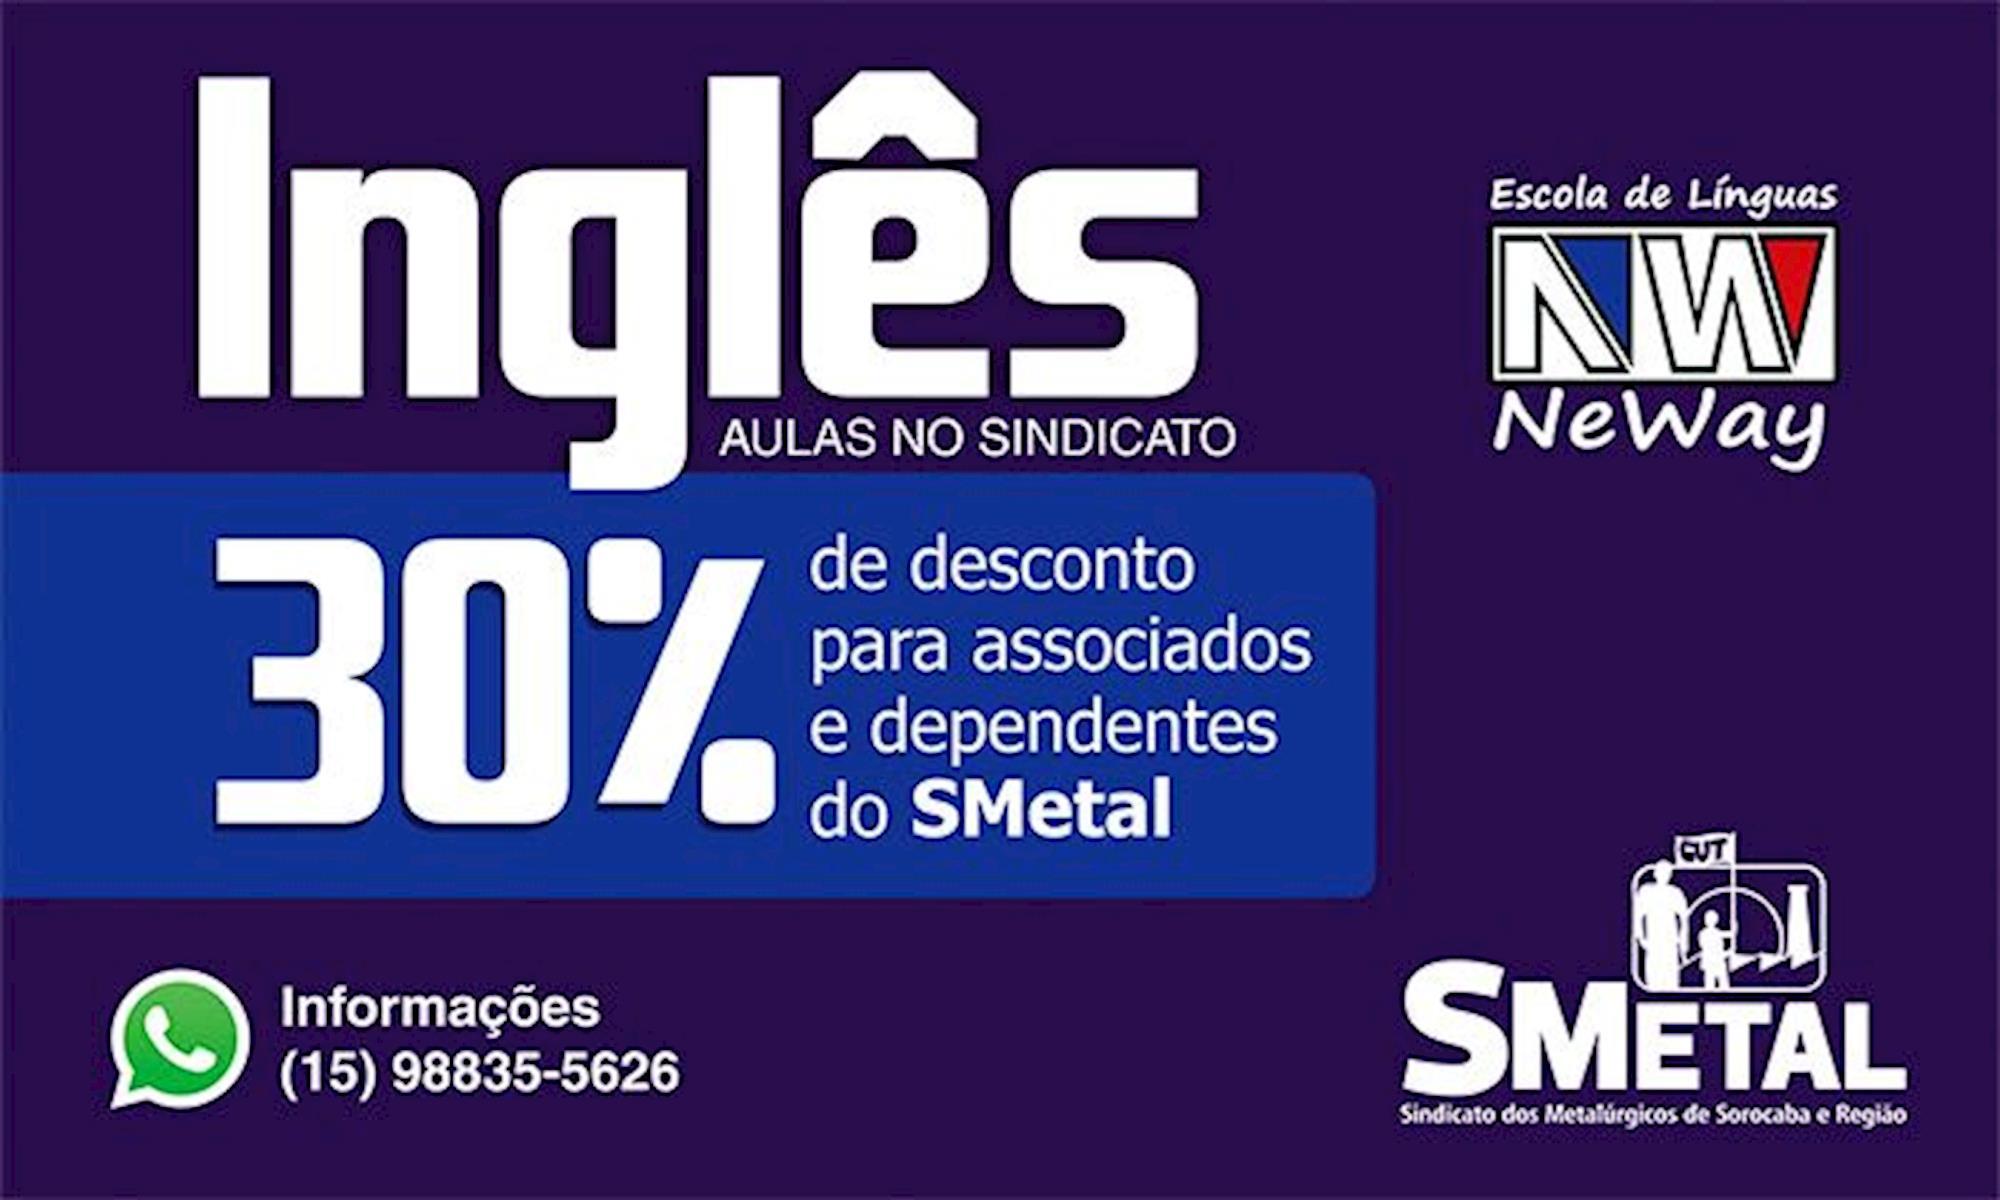 ingles, curso, smetal, neway,, Divulgação